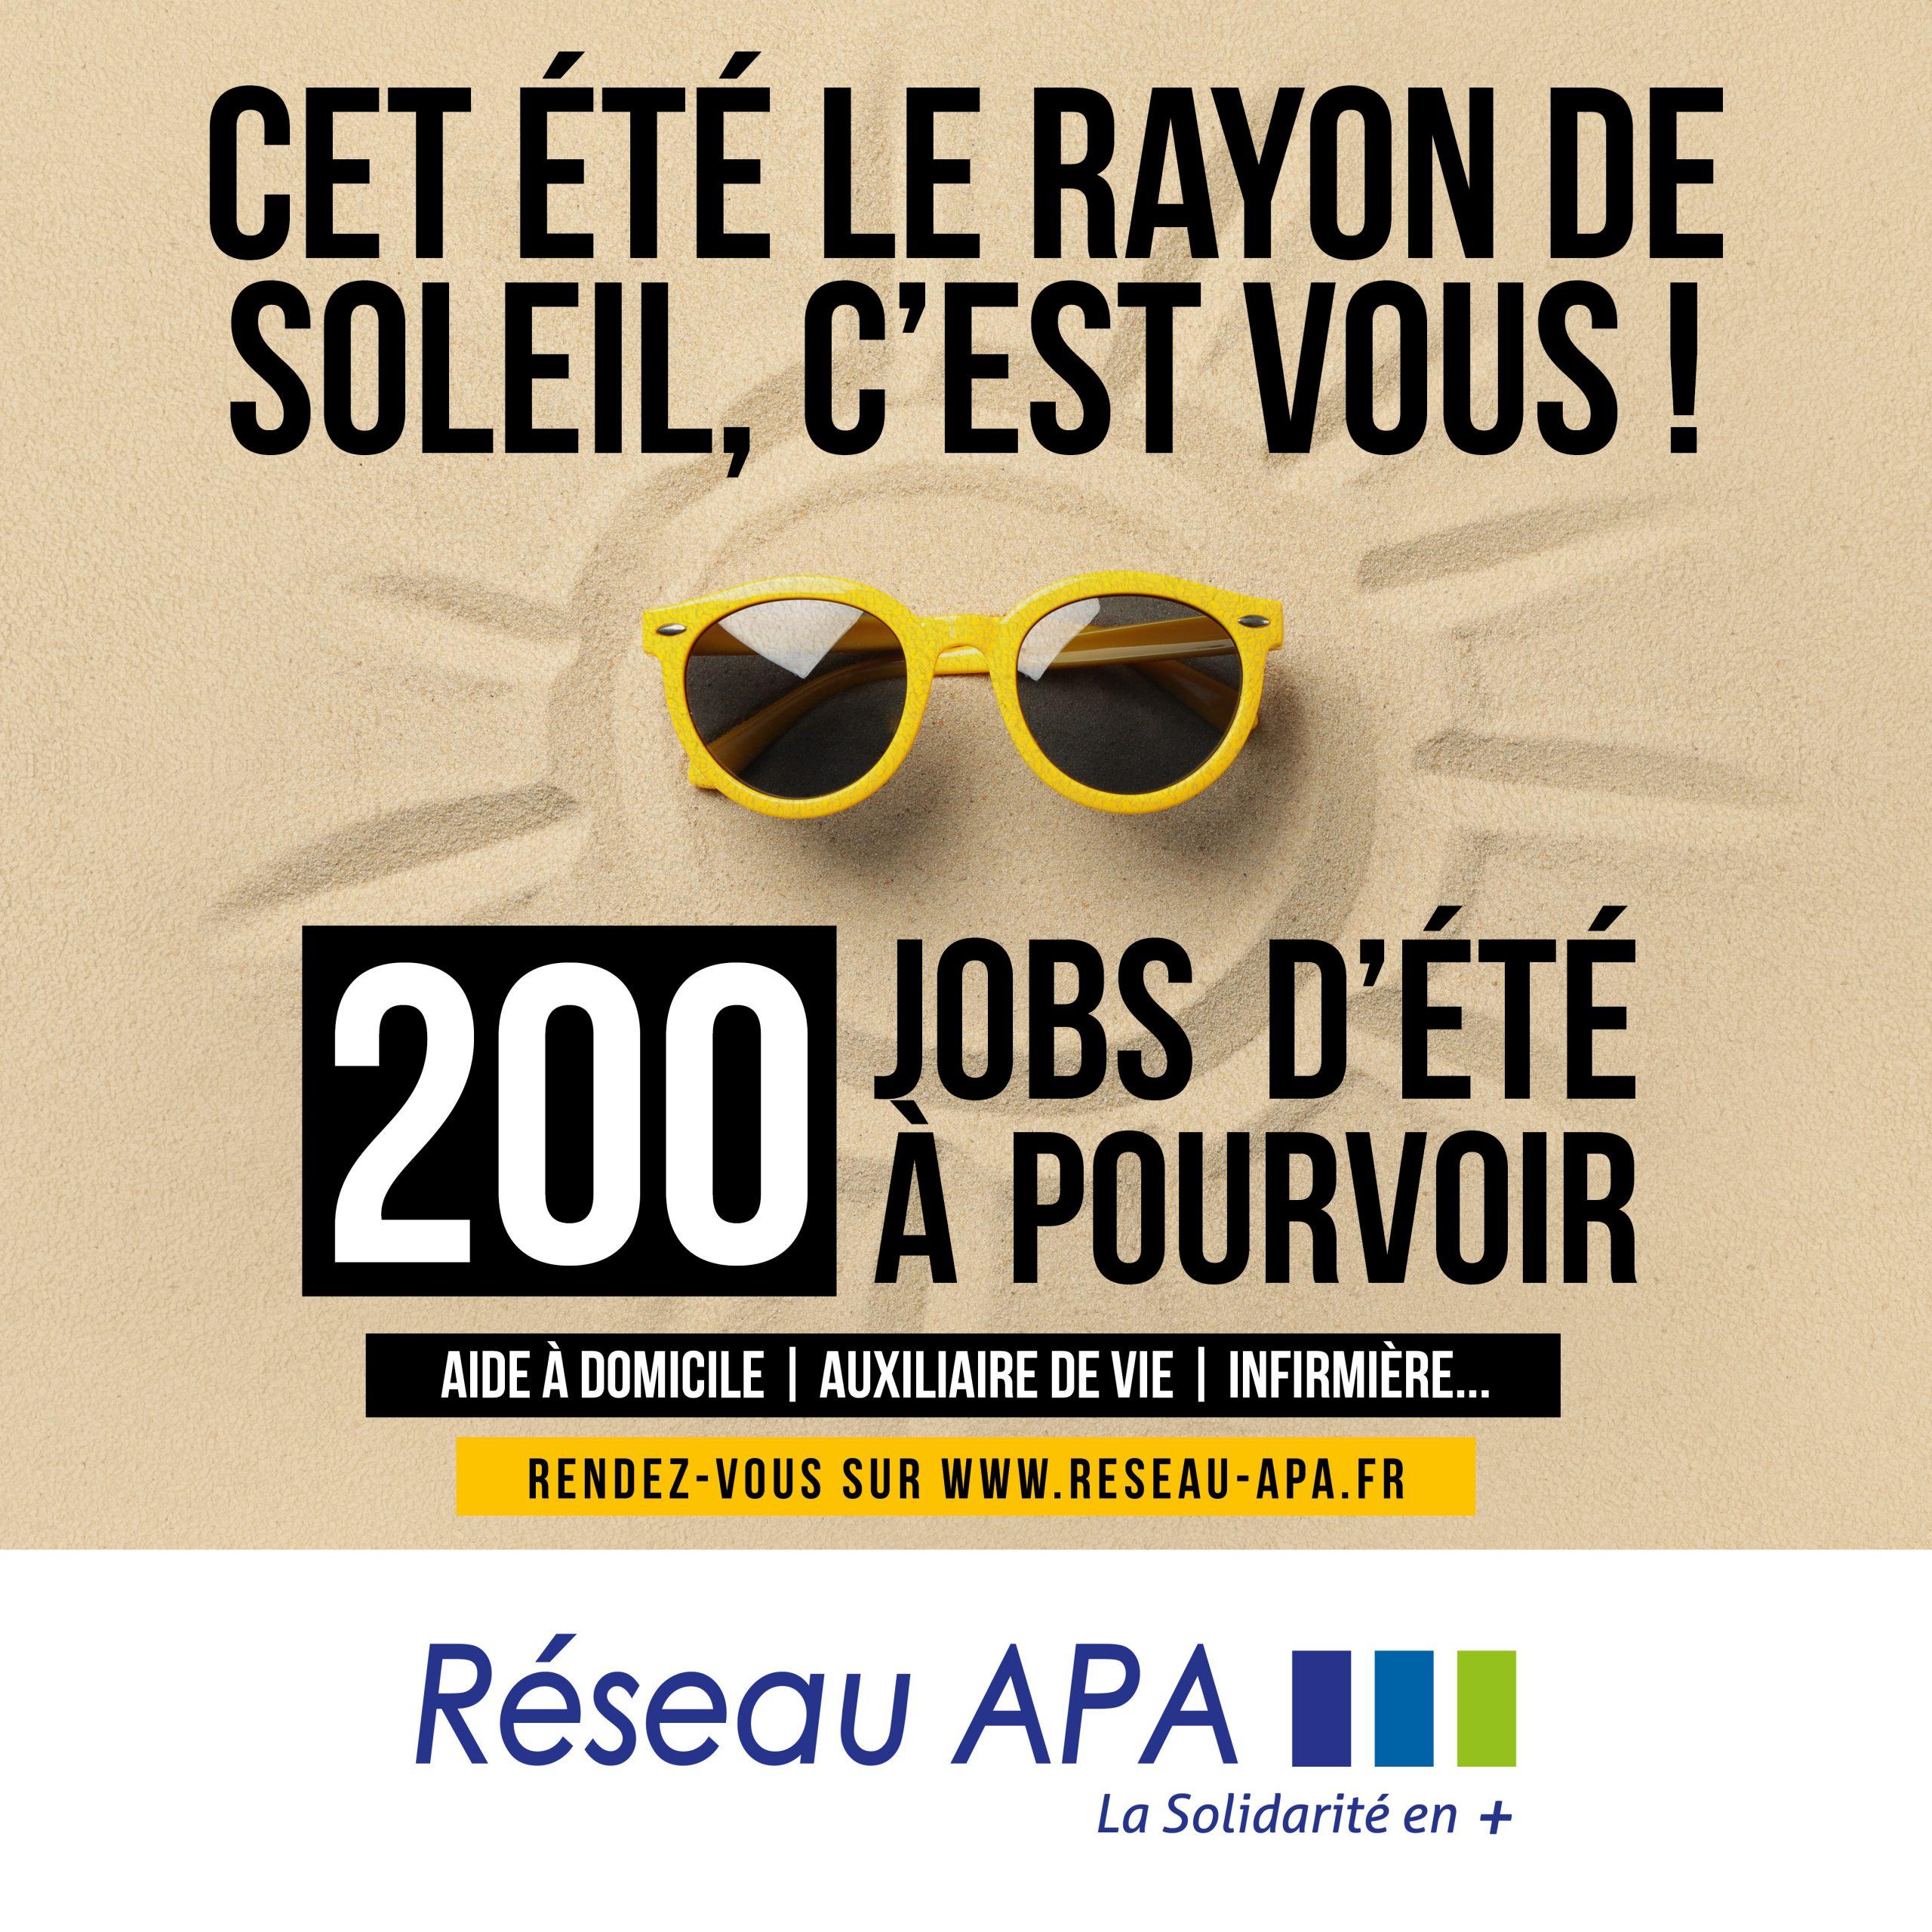 UN ÉTÉ DANS L'URGENCE: 200 JOBS D'ÉTÉ À POURVOIR AUPRÈS DES PLUS FRAGILES